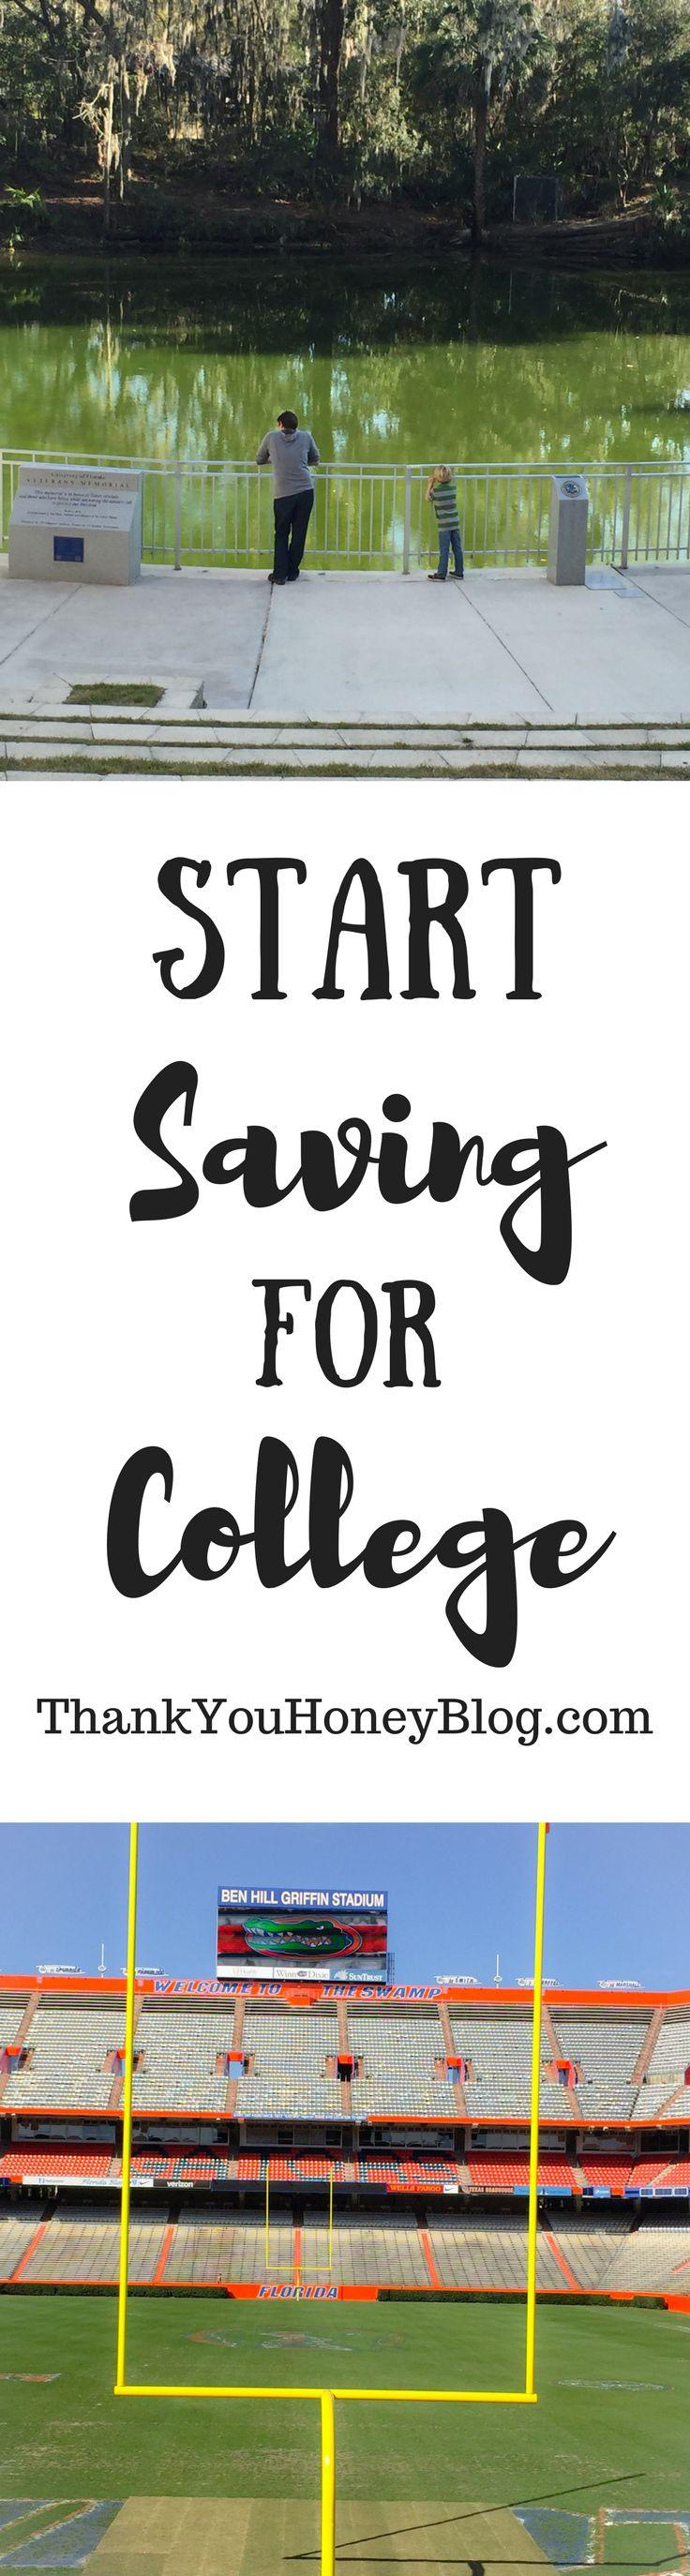 Start Saving for College, College, Saving, Saving for College, Kids, Florida, Florida Prepaid College Plan, Start Saving for College, Florida Prepaid College Program, Open Enrollment, {ad}, #StartingisBelieving